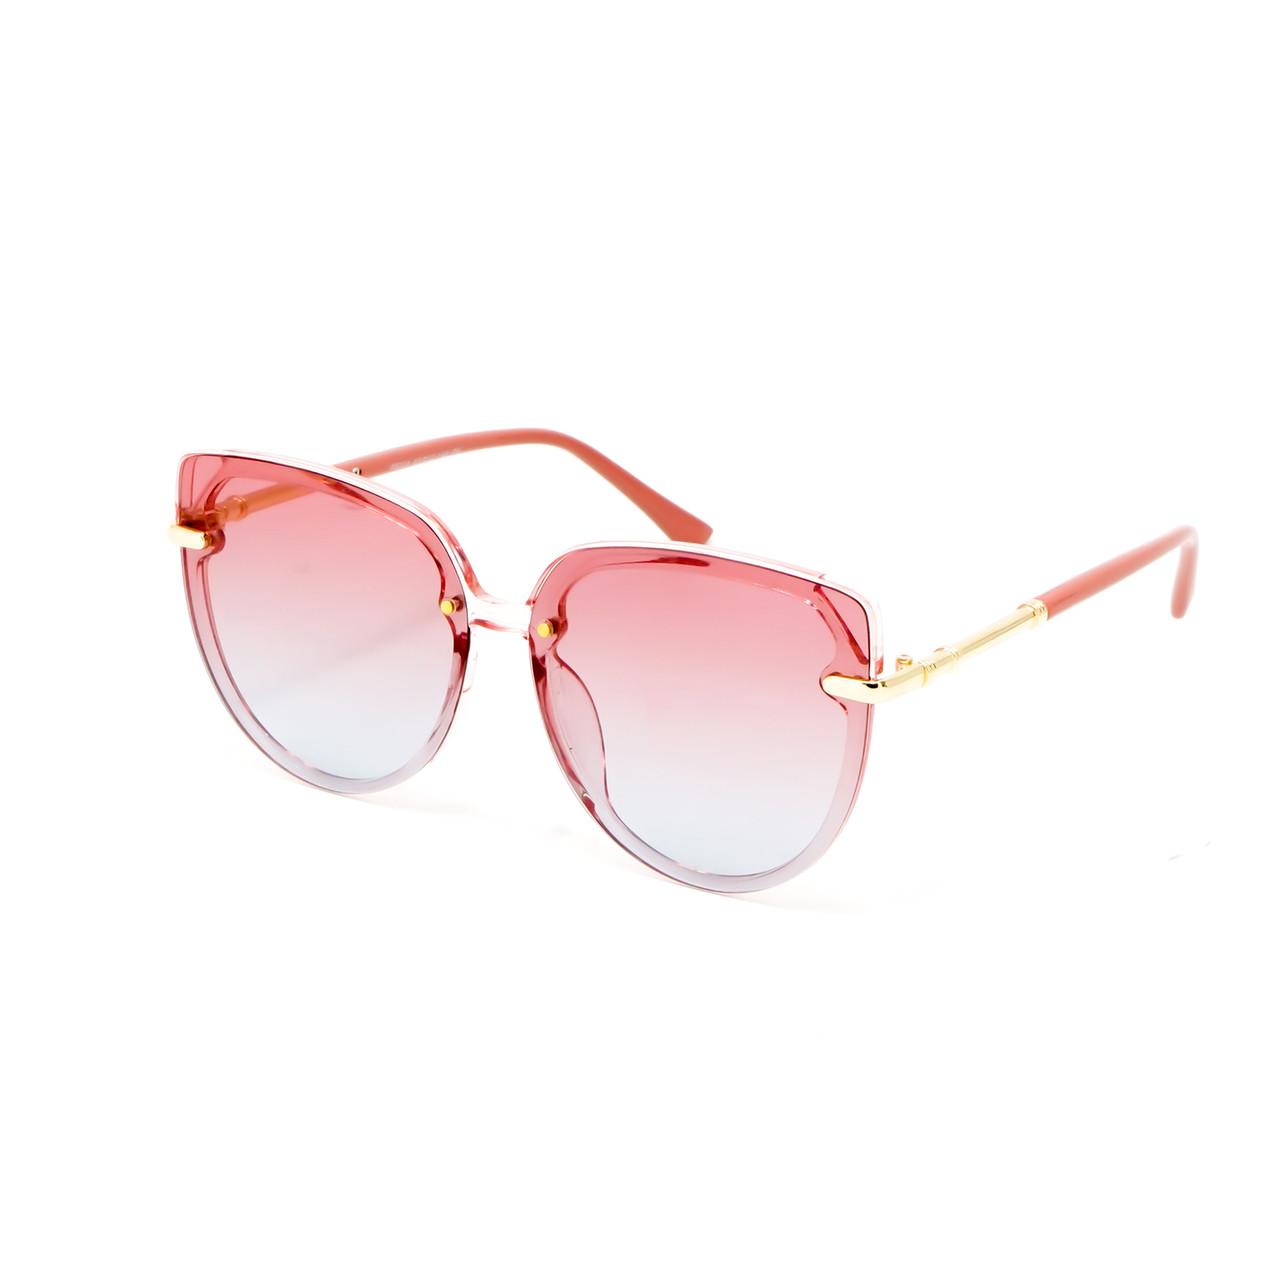 Солнцезащитные очки Marmilen Polar P8324 P5 розовые    ( P8324-05 )